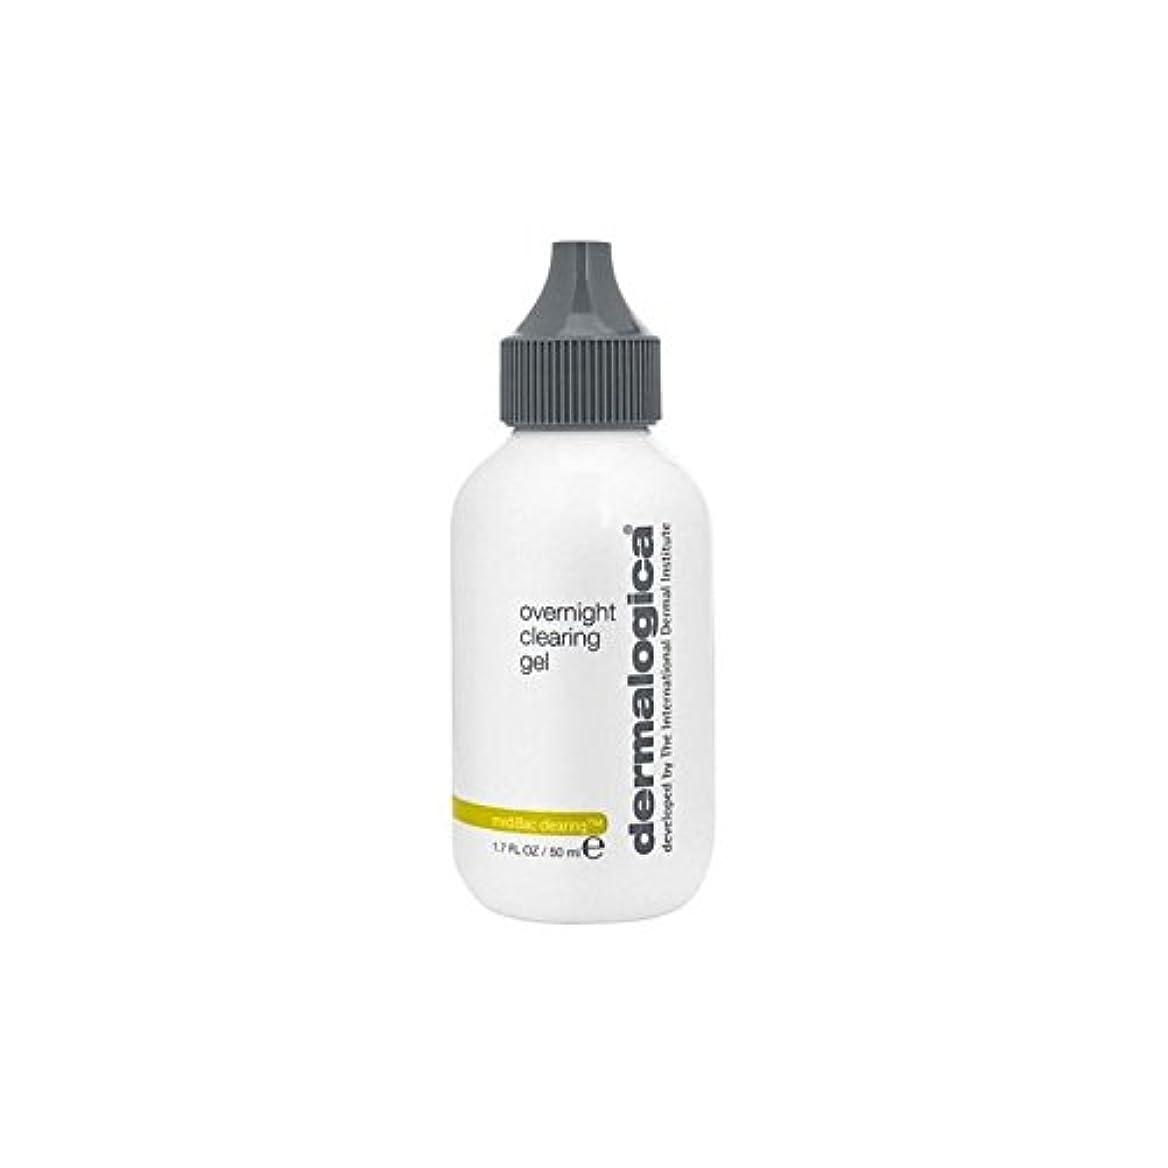 ピンクタックル防腐剤ダーマロジカ一晩透明ゲル(50)中 x4 - Dermalogica Medibac Overnight Clearing Gel (50ml) (Pack of 4) [並行輸入品]